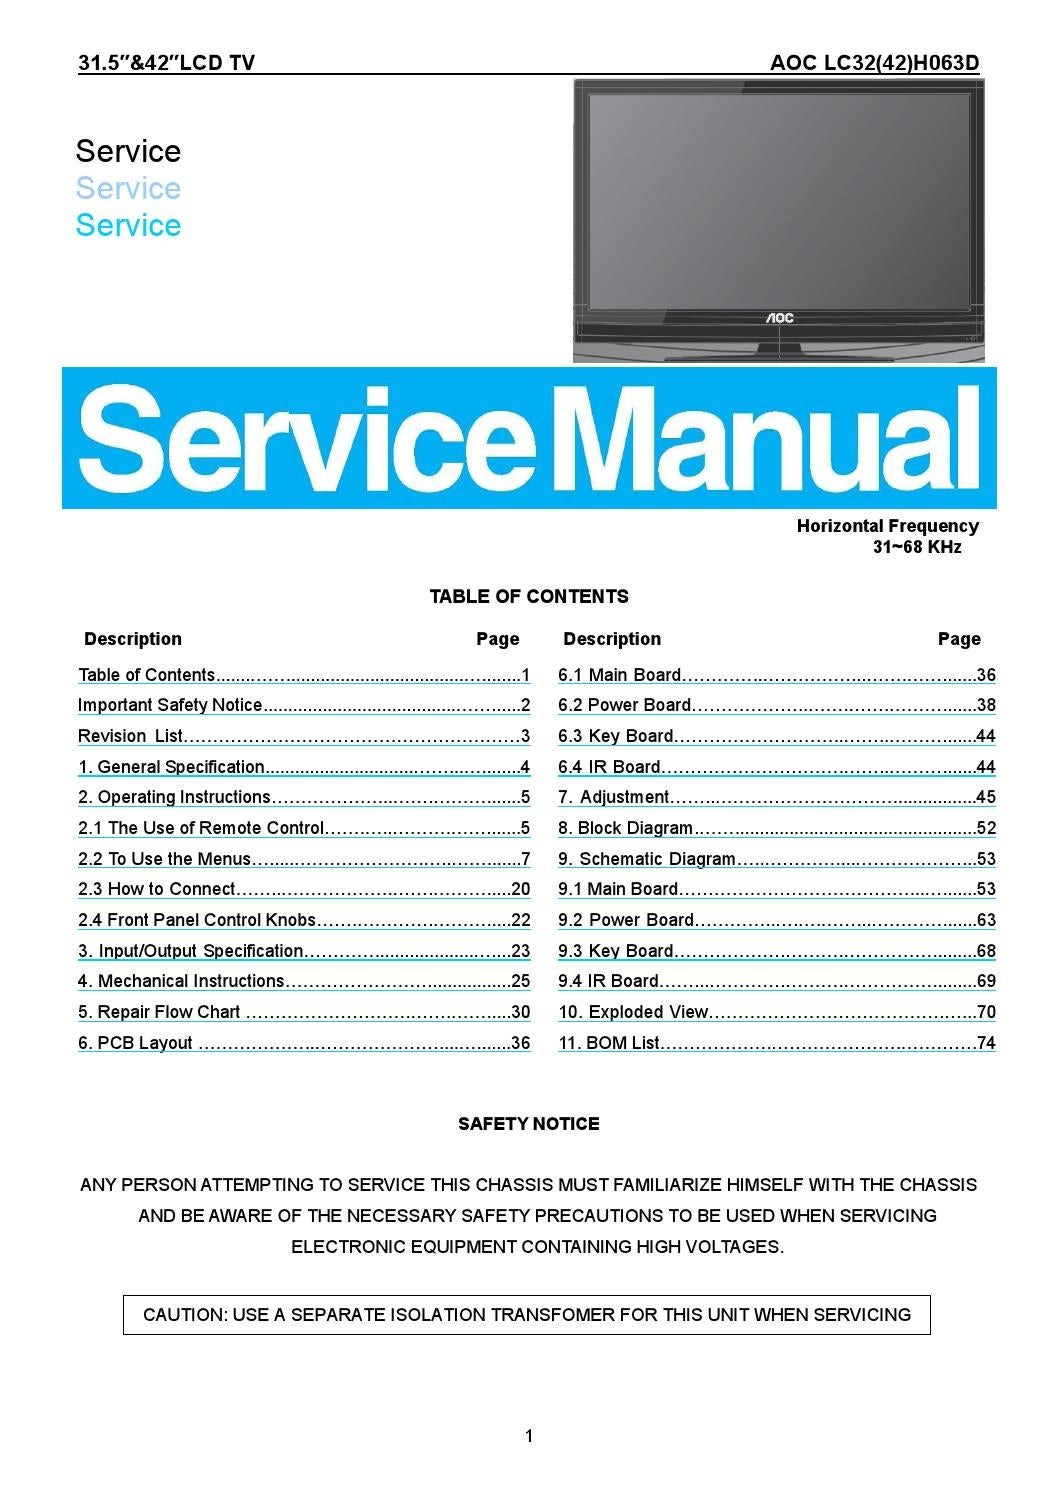 Manual De Servi U00e7o Dos Televisores Aoc Modelos Lc42h063d E